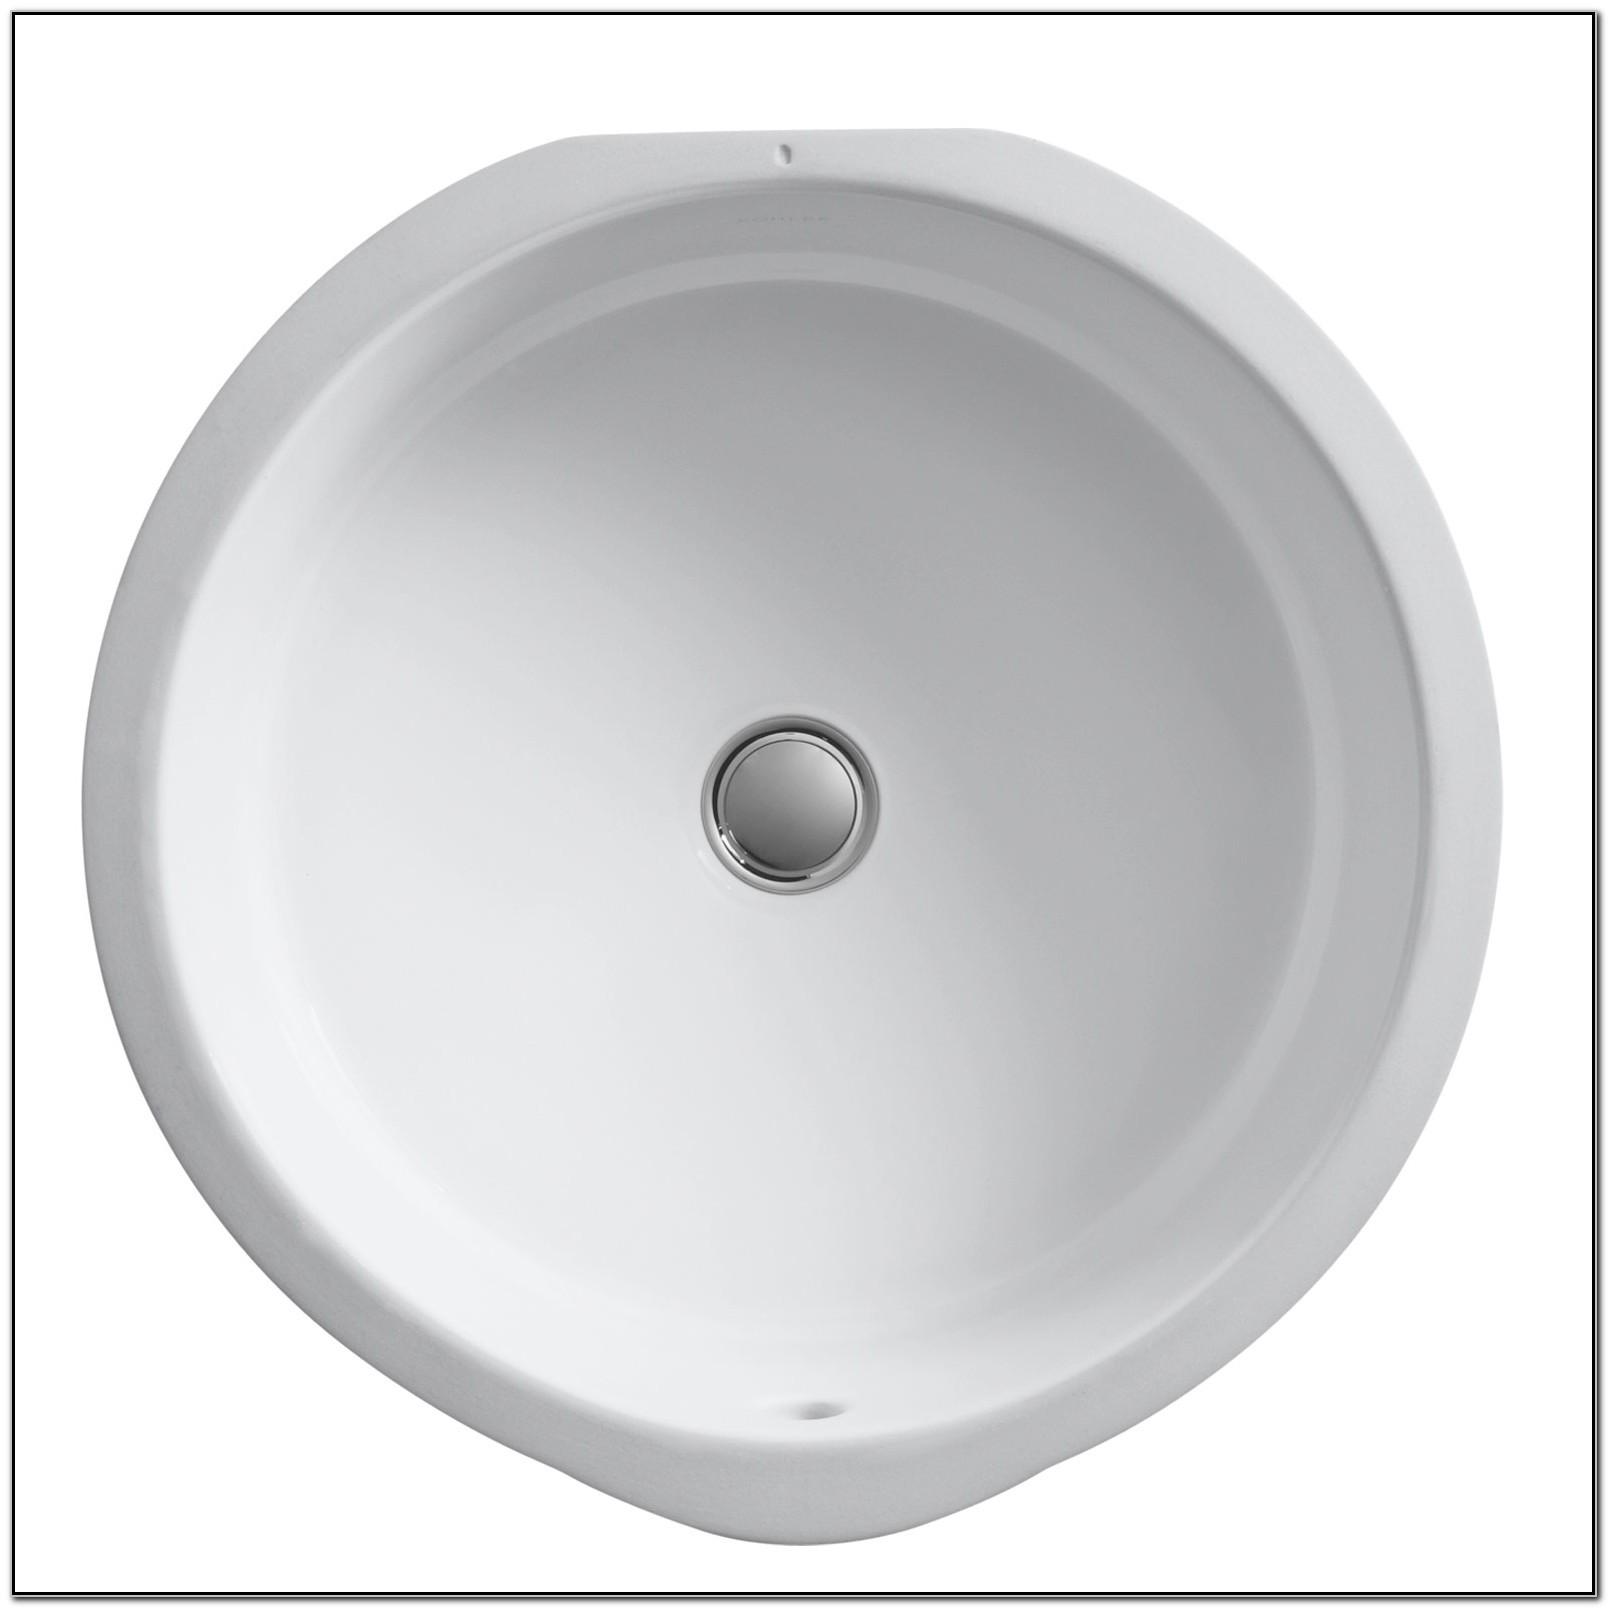 Kohler Verticyl Round Undermount Sink